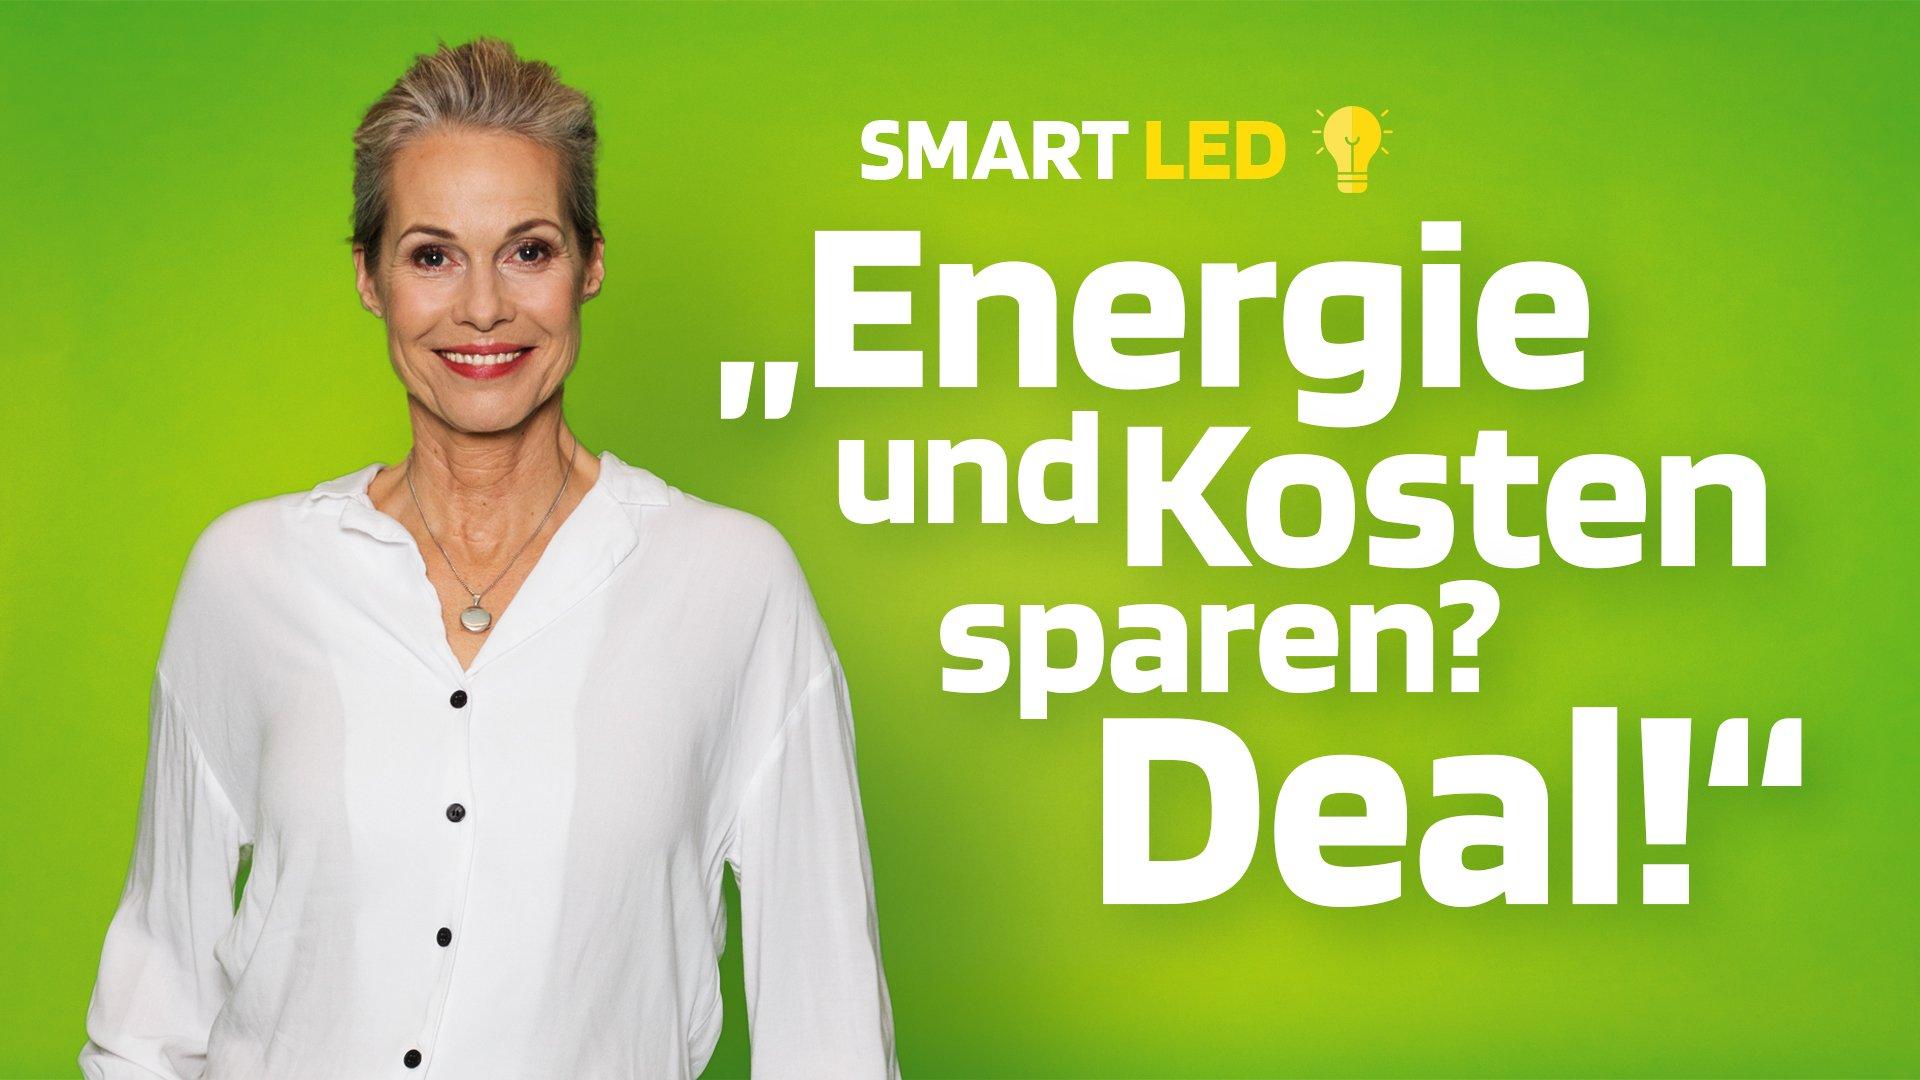 Anke sagt über SMART LED: Mit LED Beleuchtung Energie und Kosten sparen? - Deal!